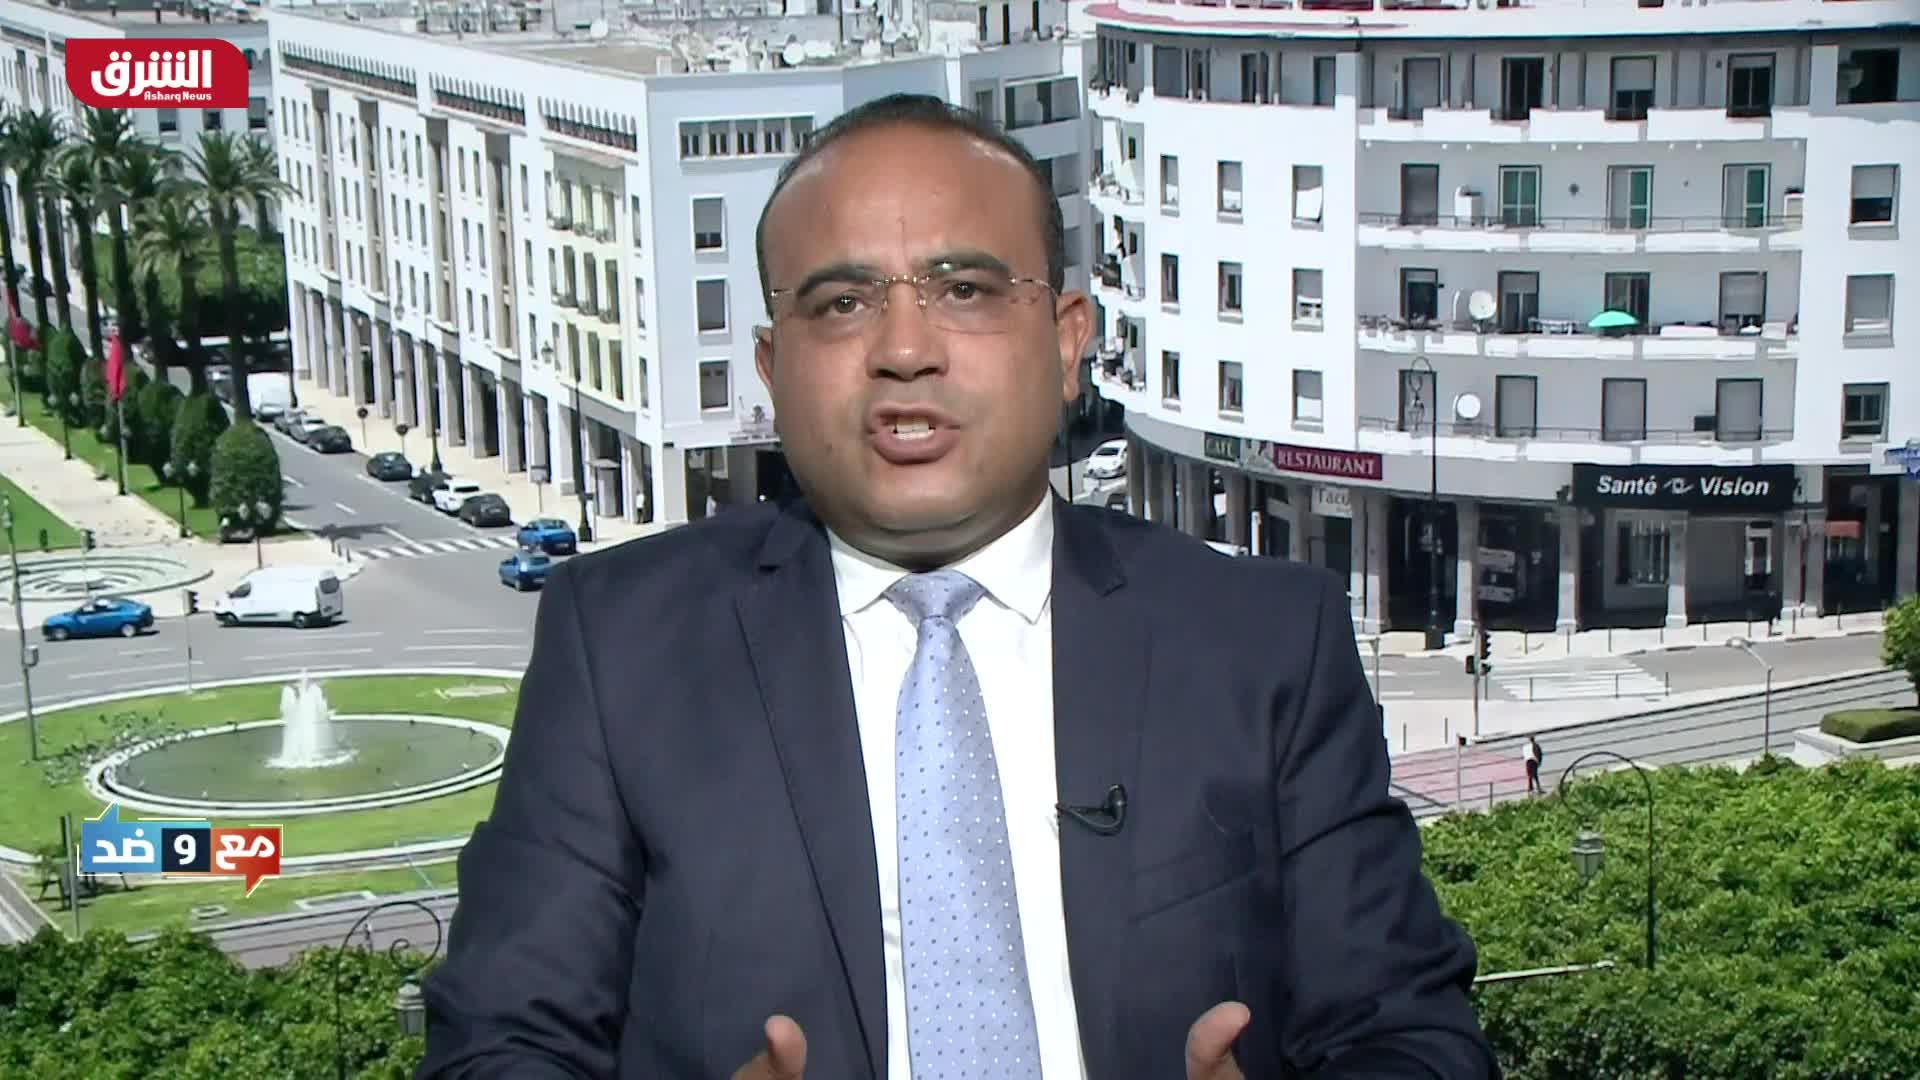 ما سبب الخلاف بين االمغرب والجزائر.. هل هو ترسيم الحدود؟